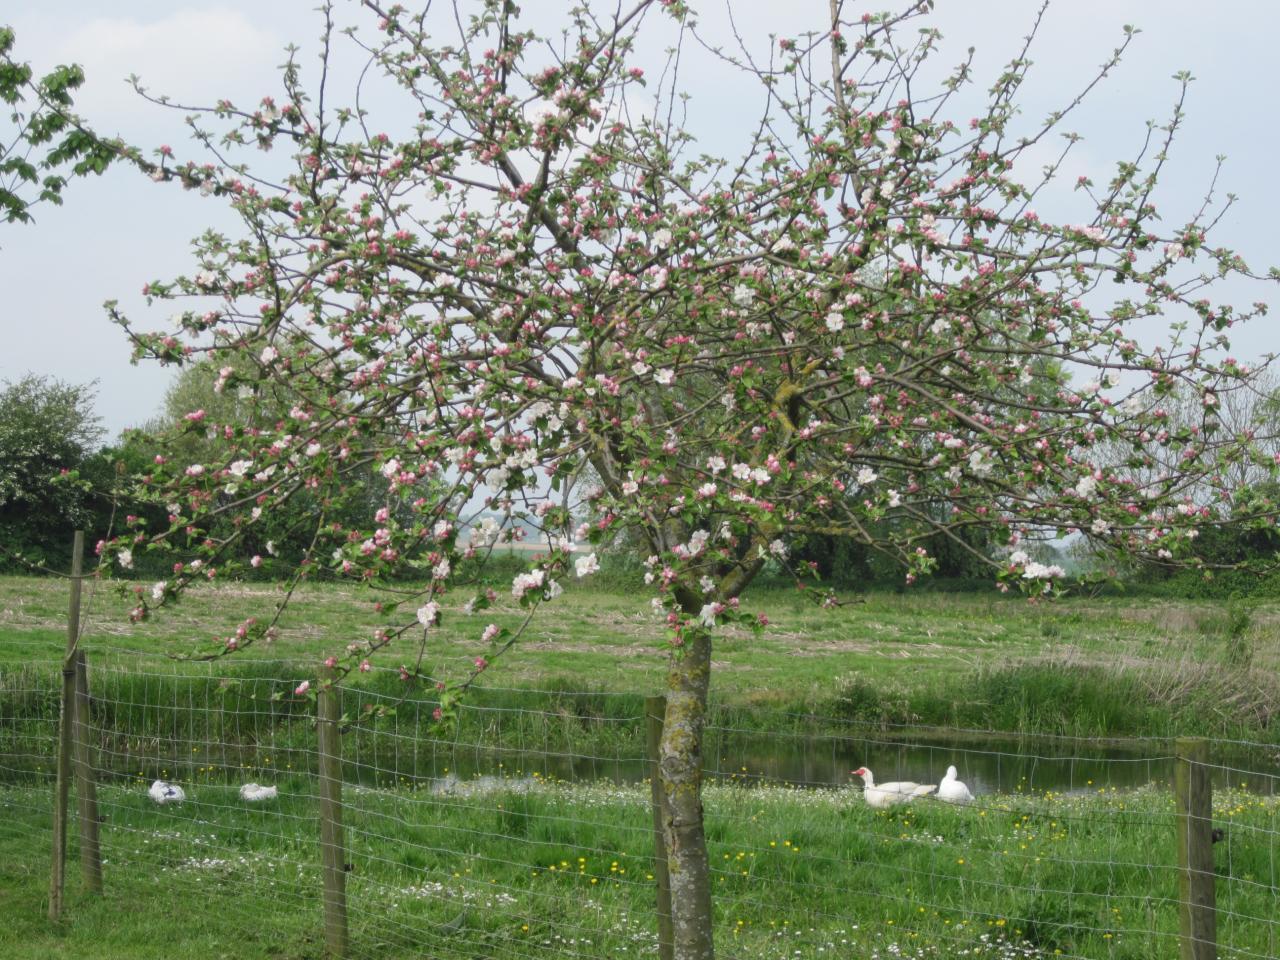 2014-05-01 exteriieur ferme canard